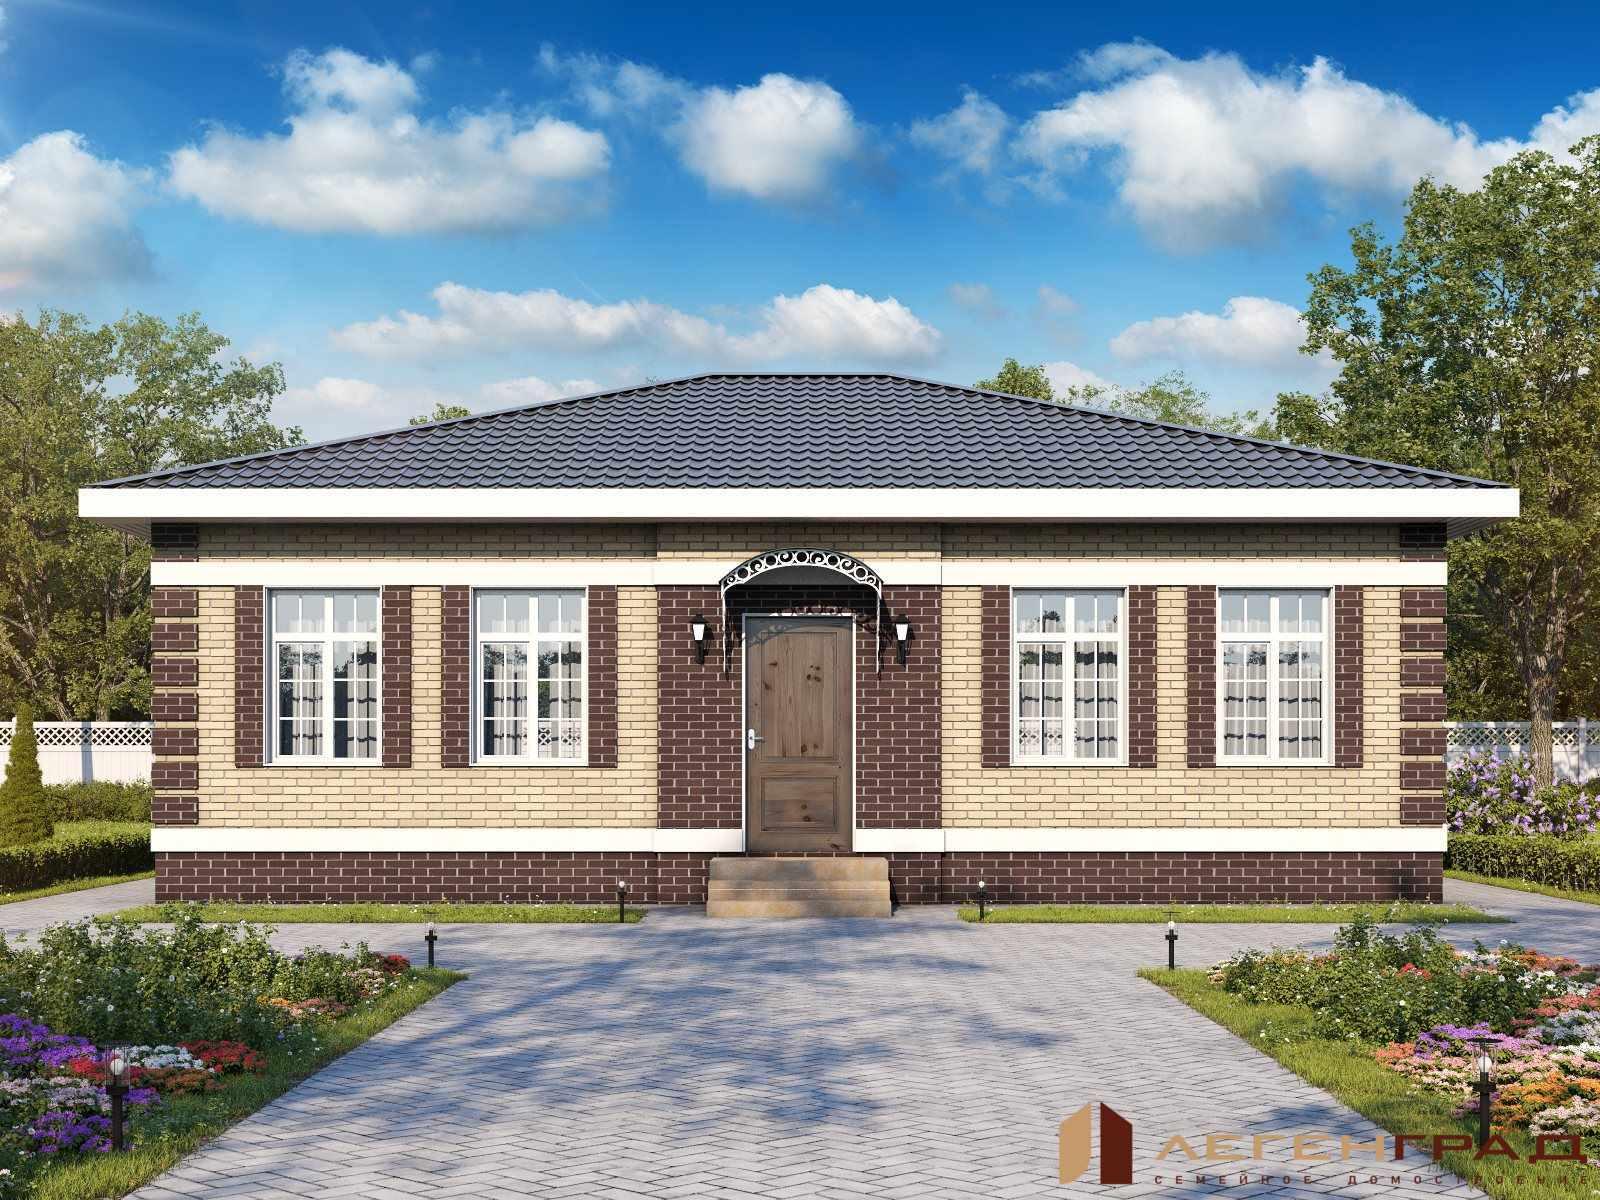 сравнения, красивые одноэтажные дома проекты фото из кирпича легенду там, где